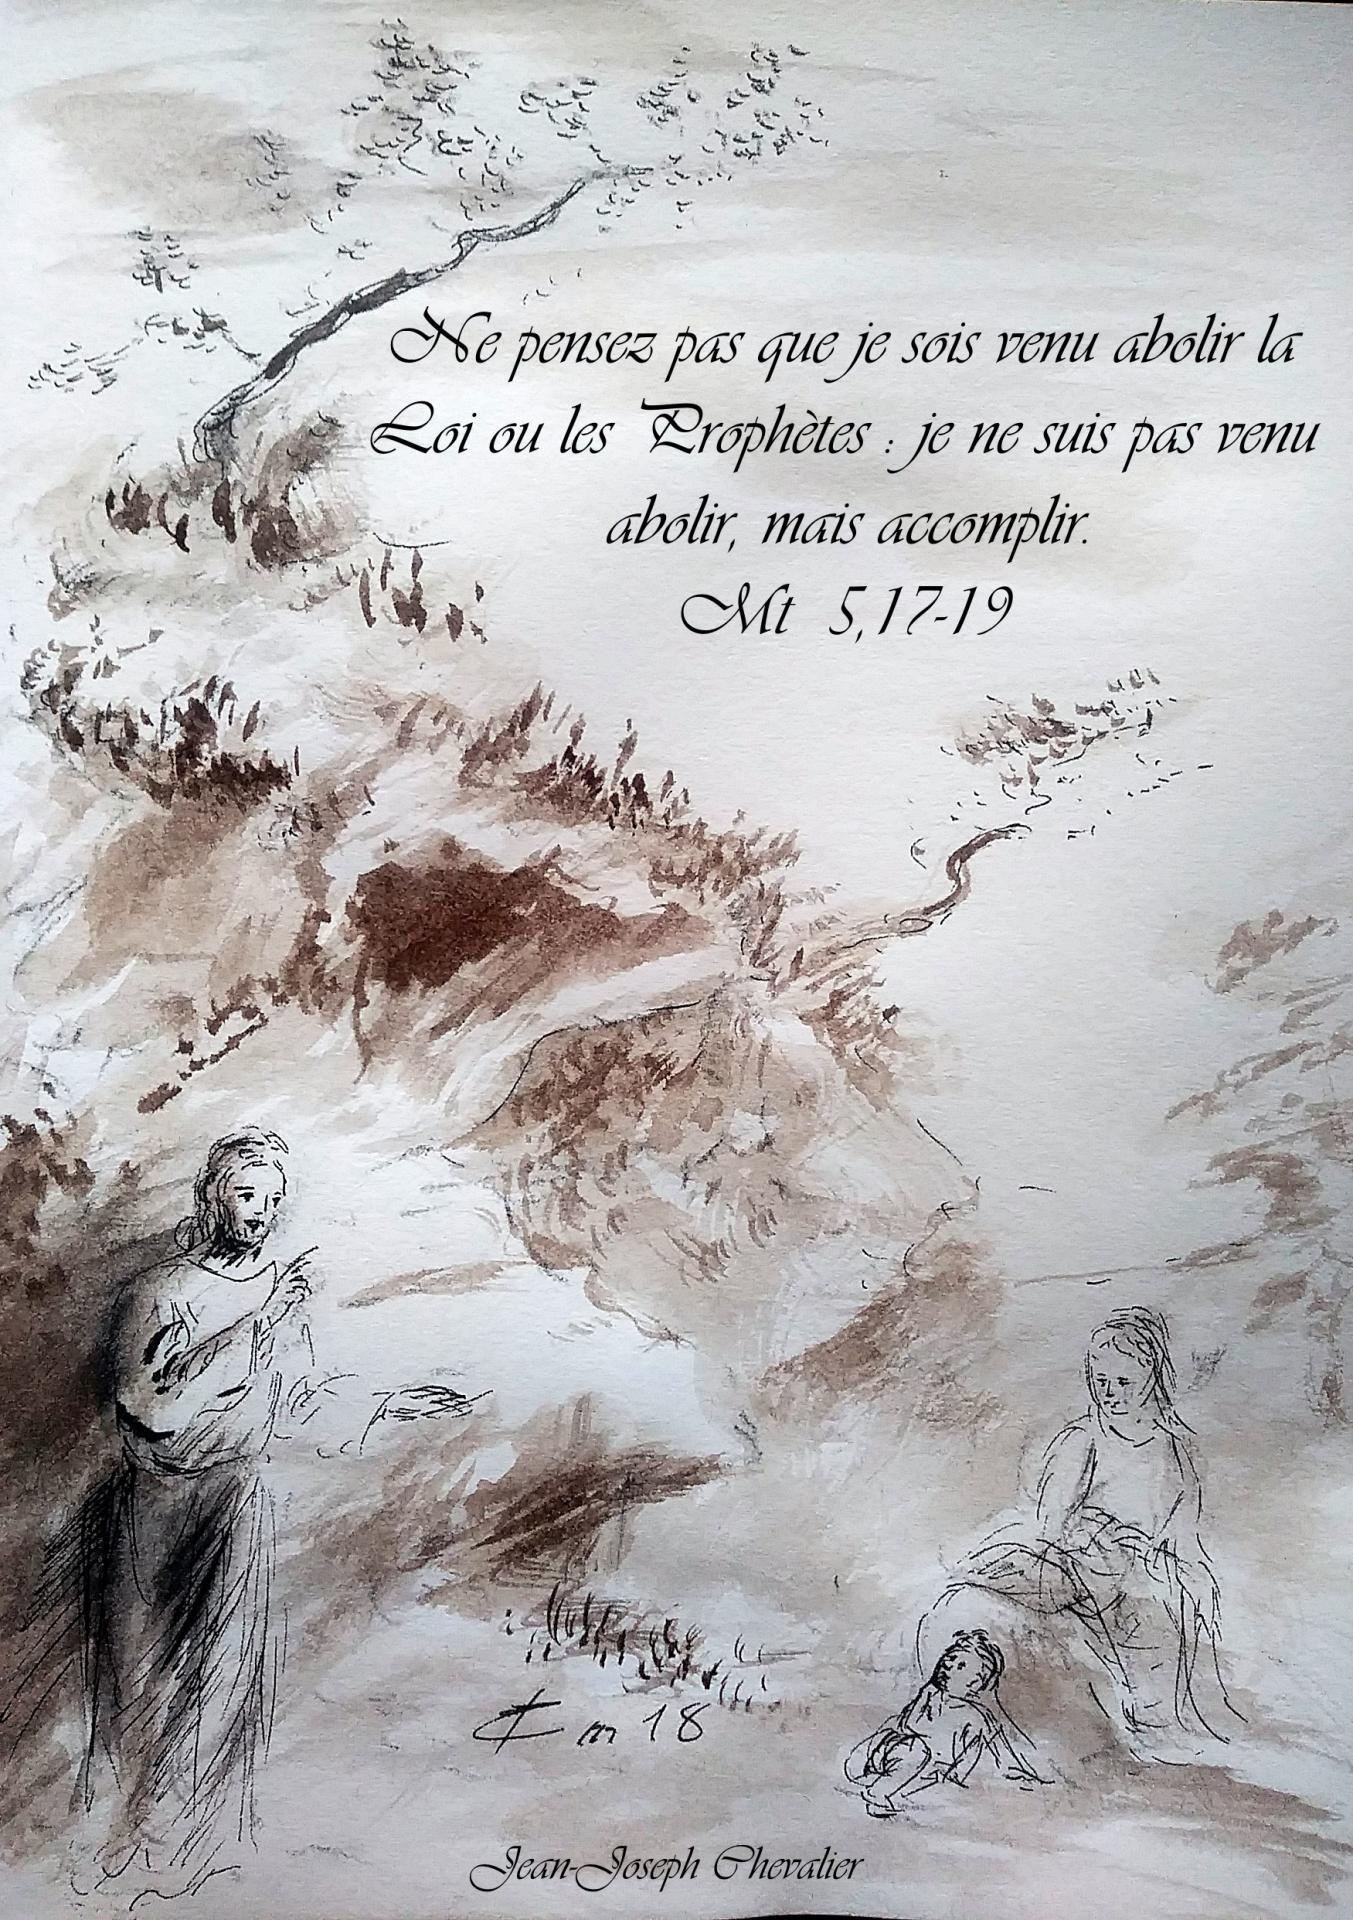 13 Juin 2018, évangile du jour illustré par un dessin au lavis